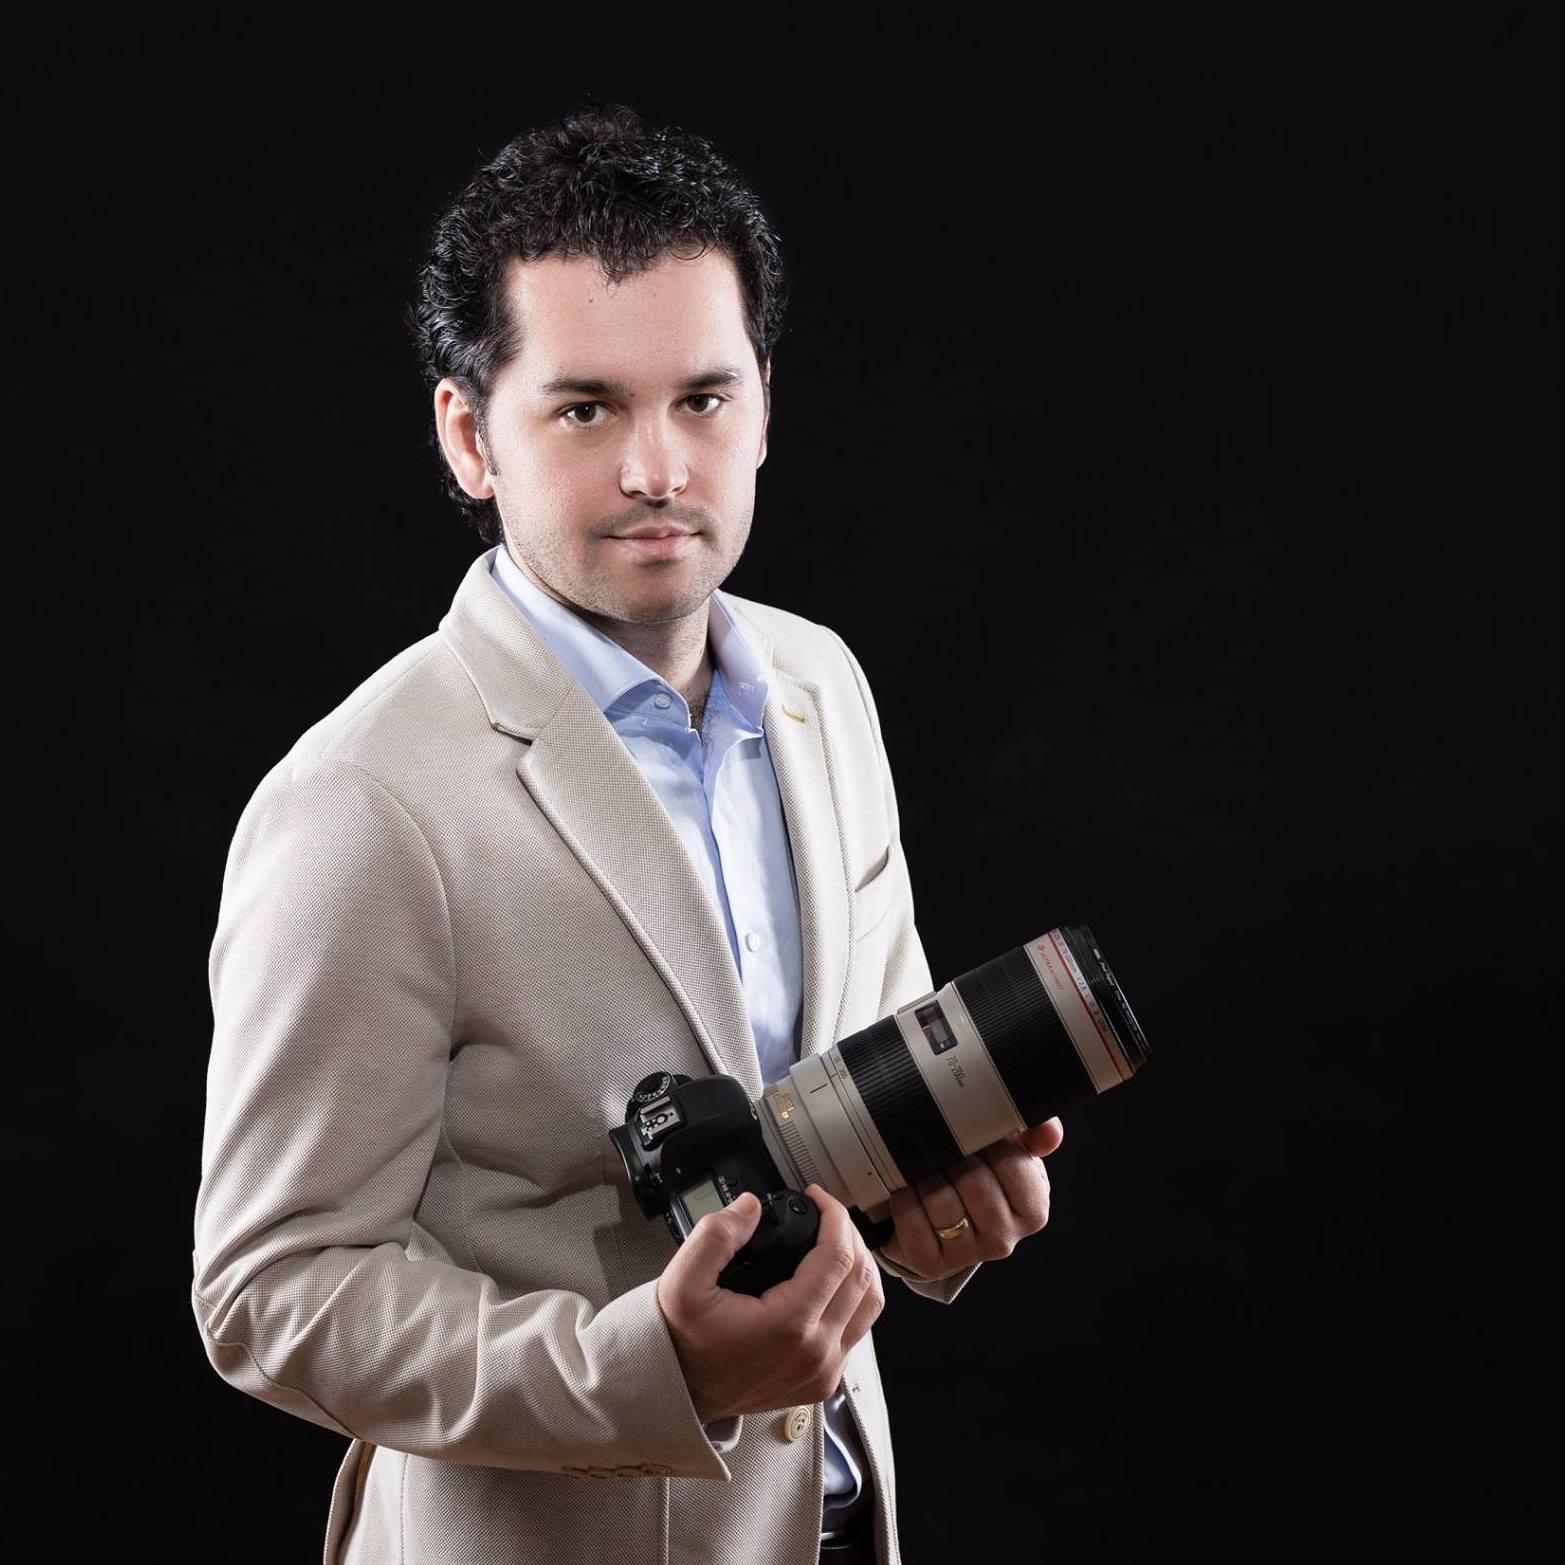 Filmari nunti StudioBlitz.ro, filmare nunta, cameraman nunta, servicii video profesionale.